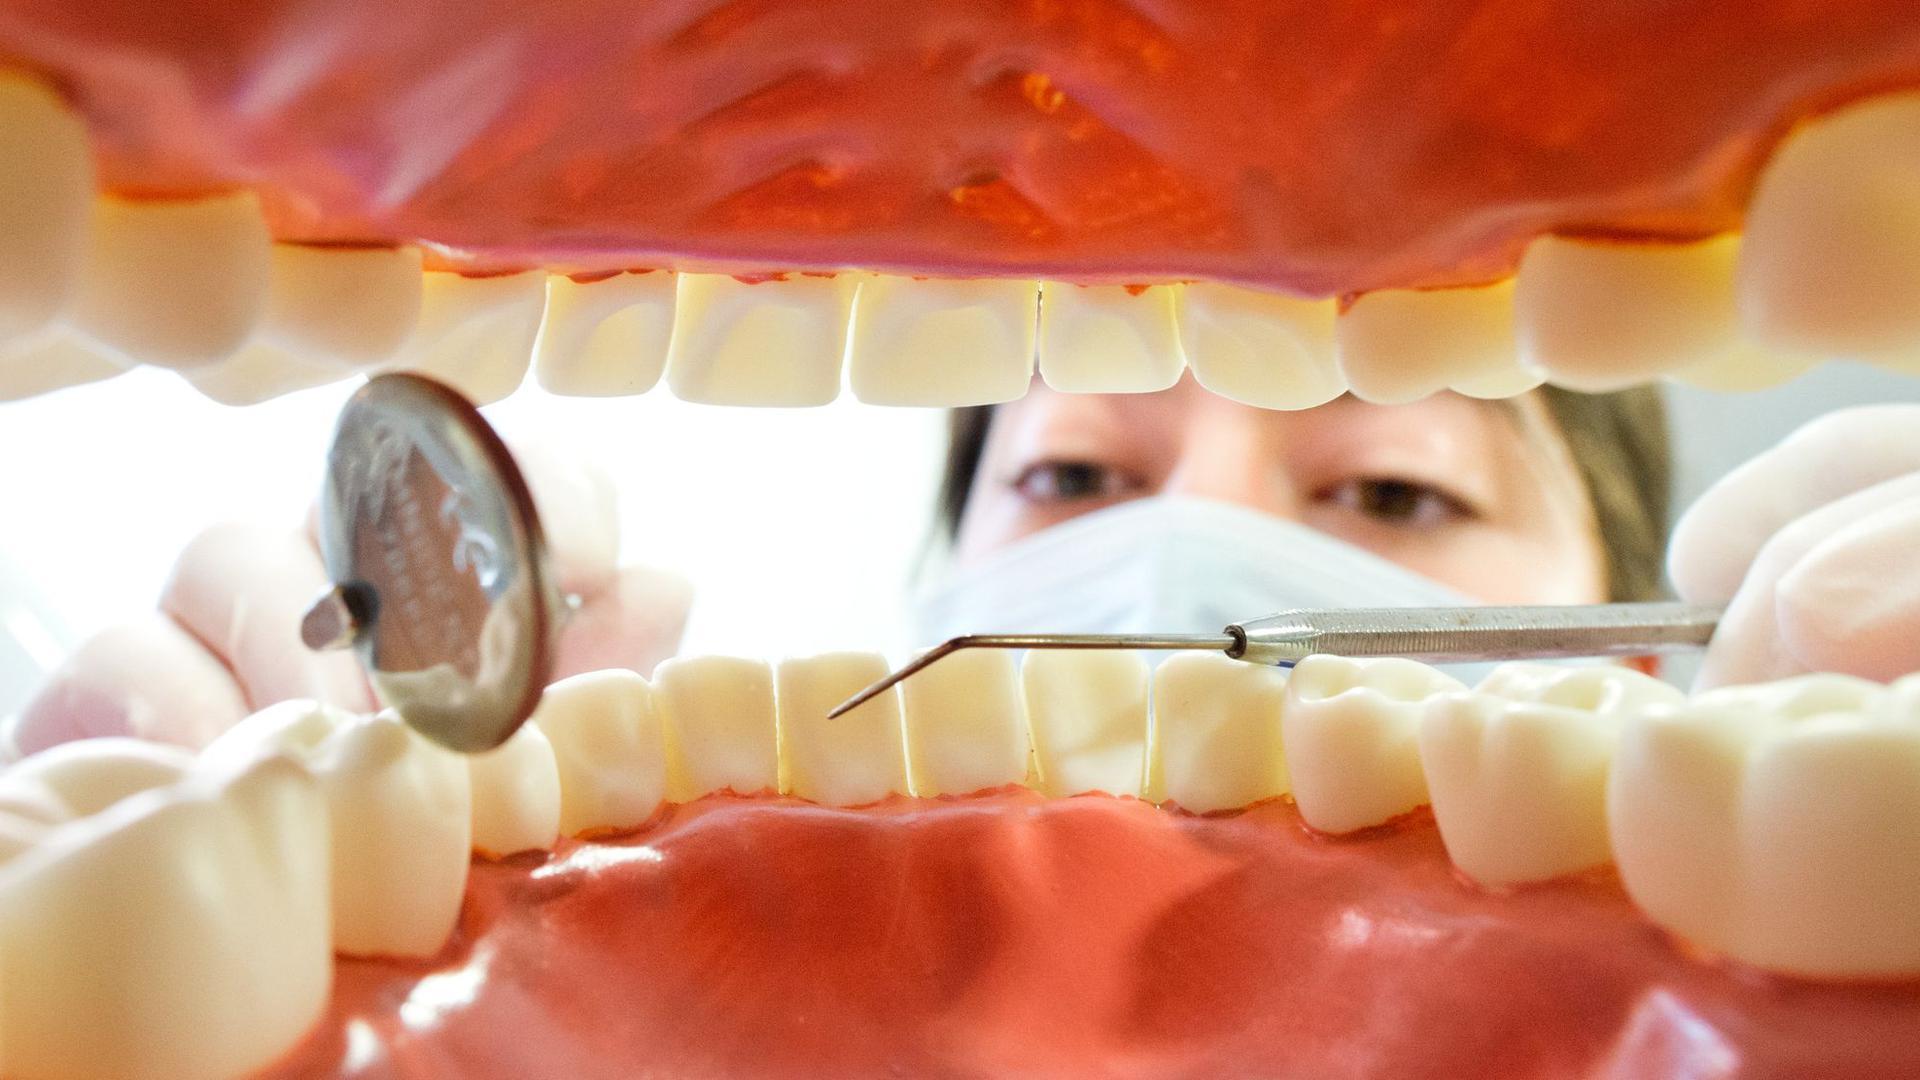 Eine Zahnarzthelferin hinter einem künstlichen Gebiss.